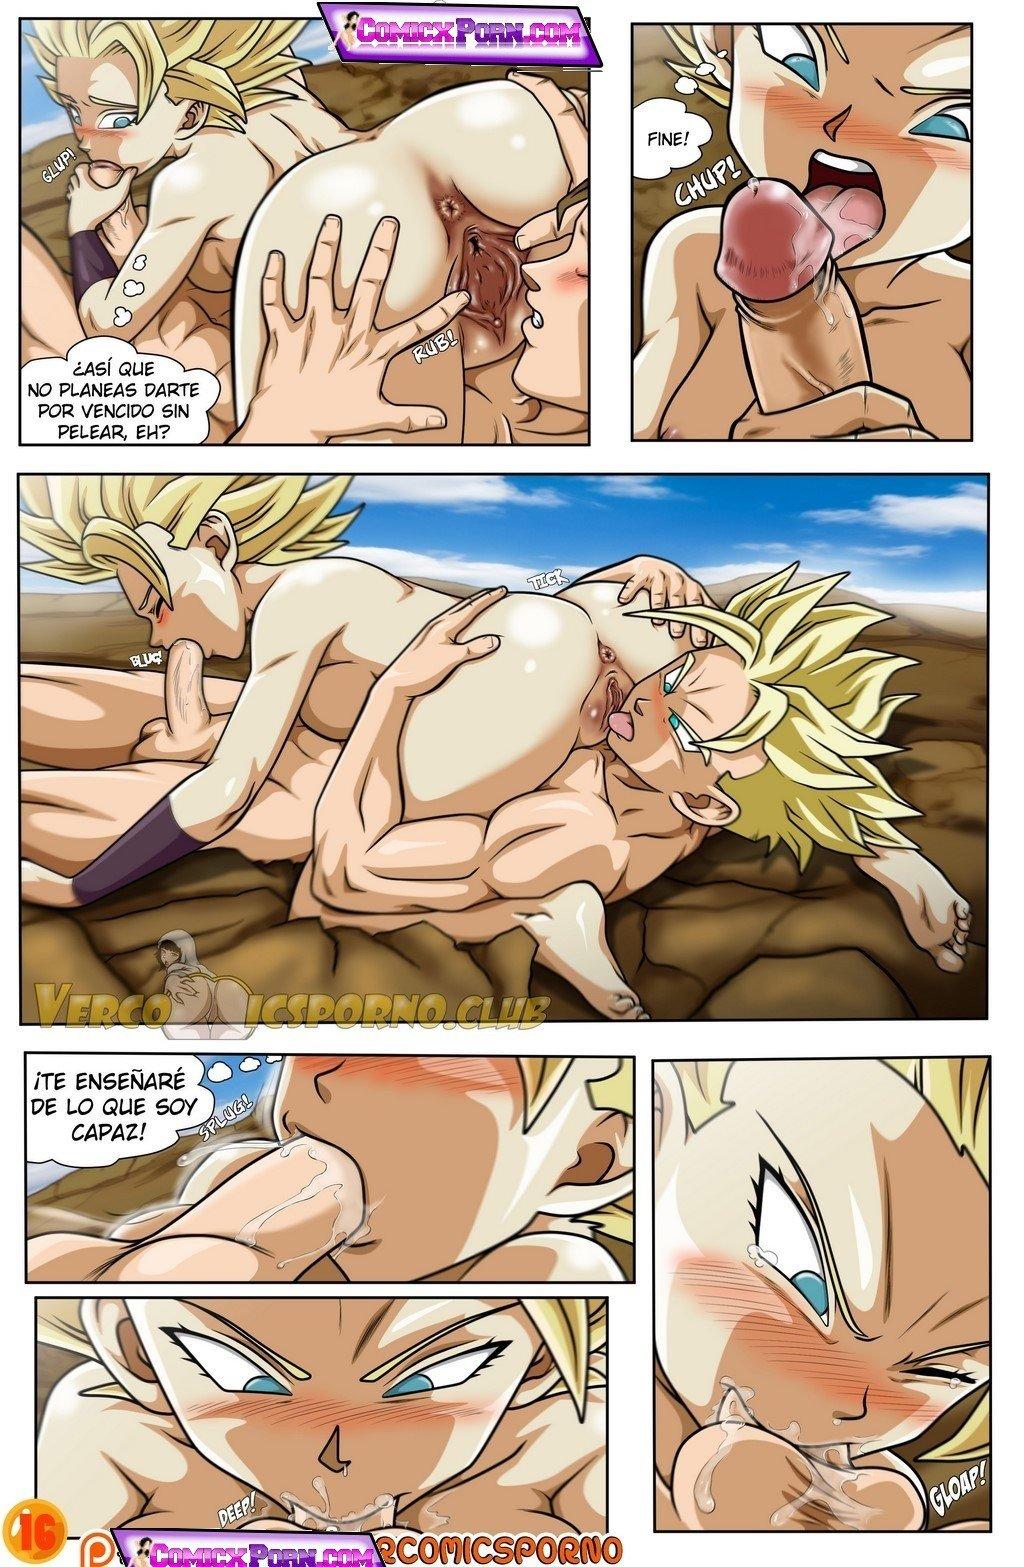 Comic porno de dragon ball